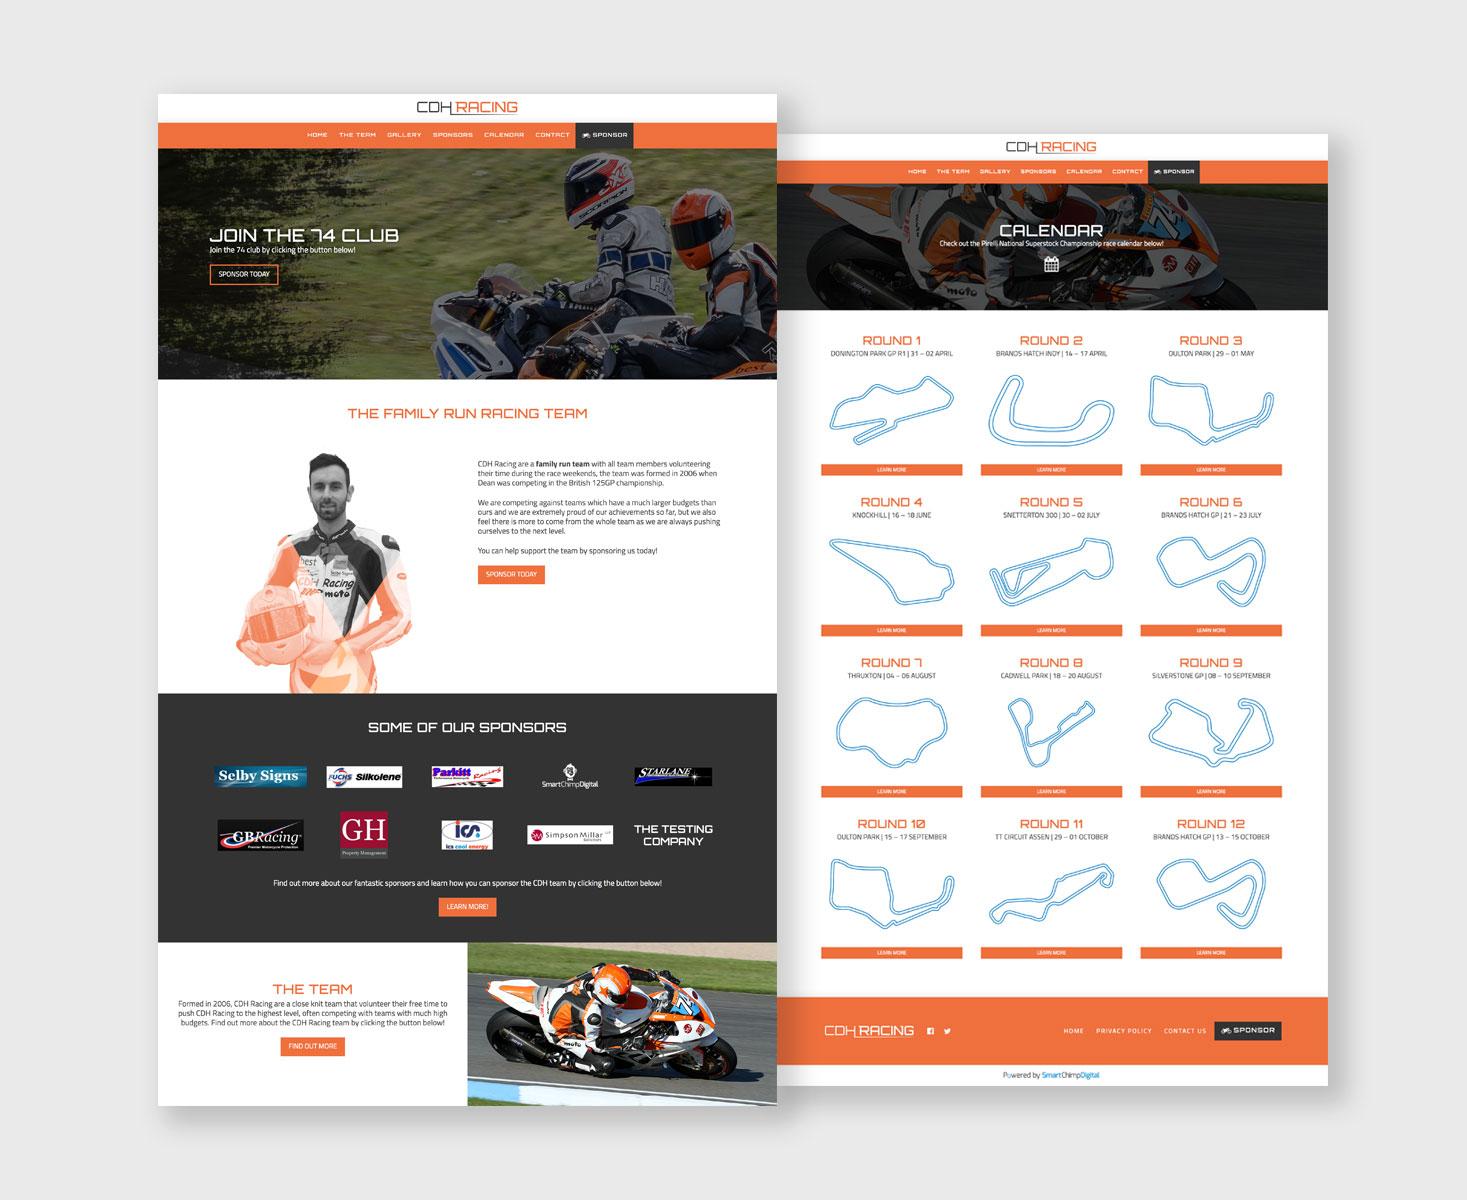 CDH Racing